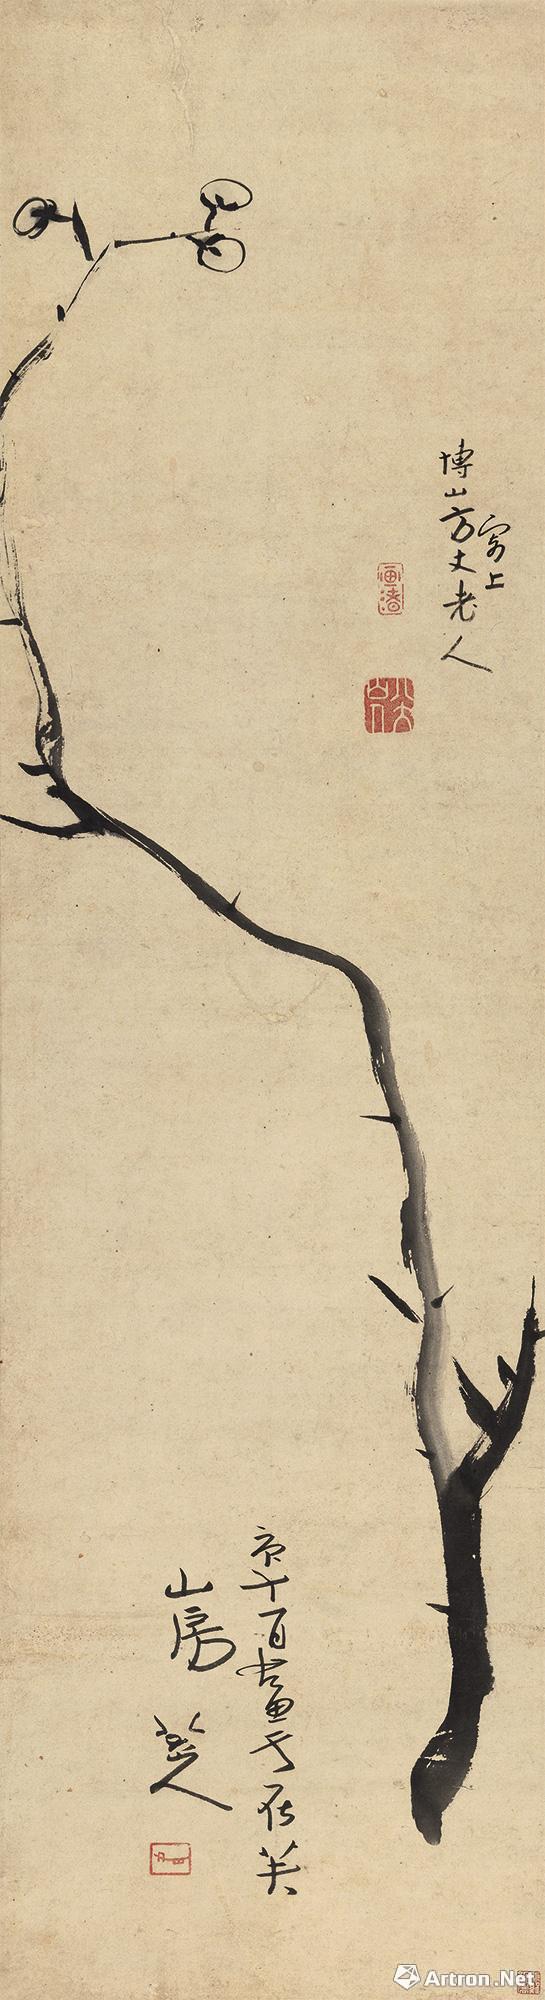 朱耷 《墨梅图》 3450万元 中国嘉德(新买家竞拍)